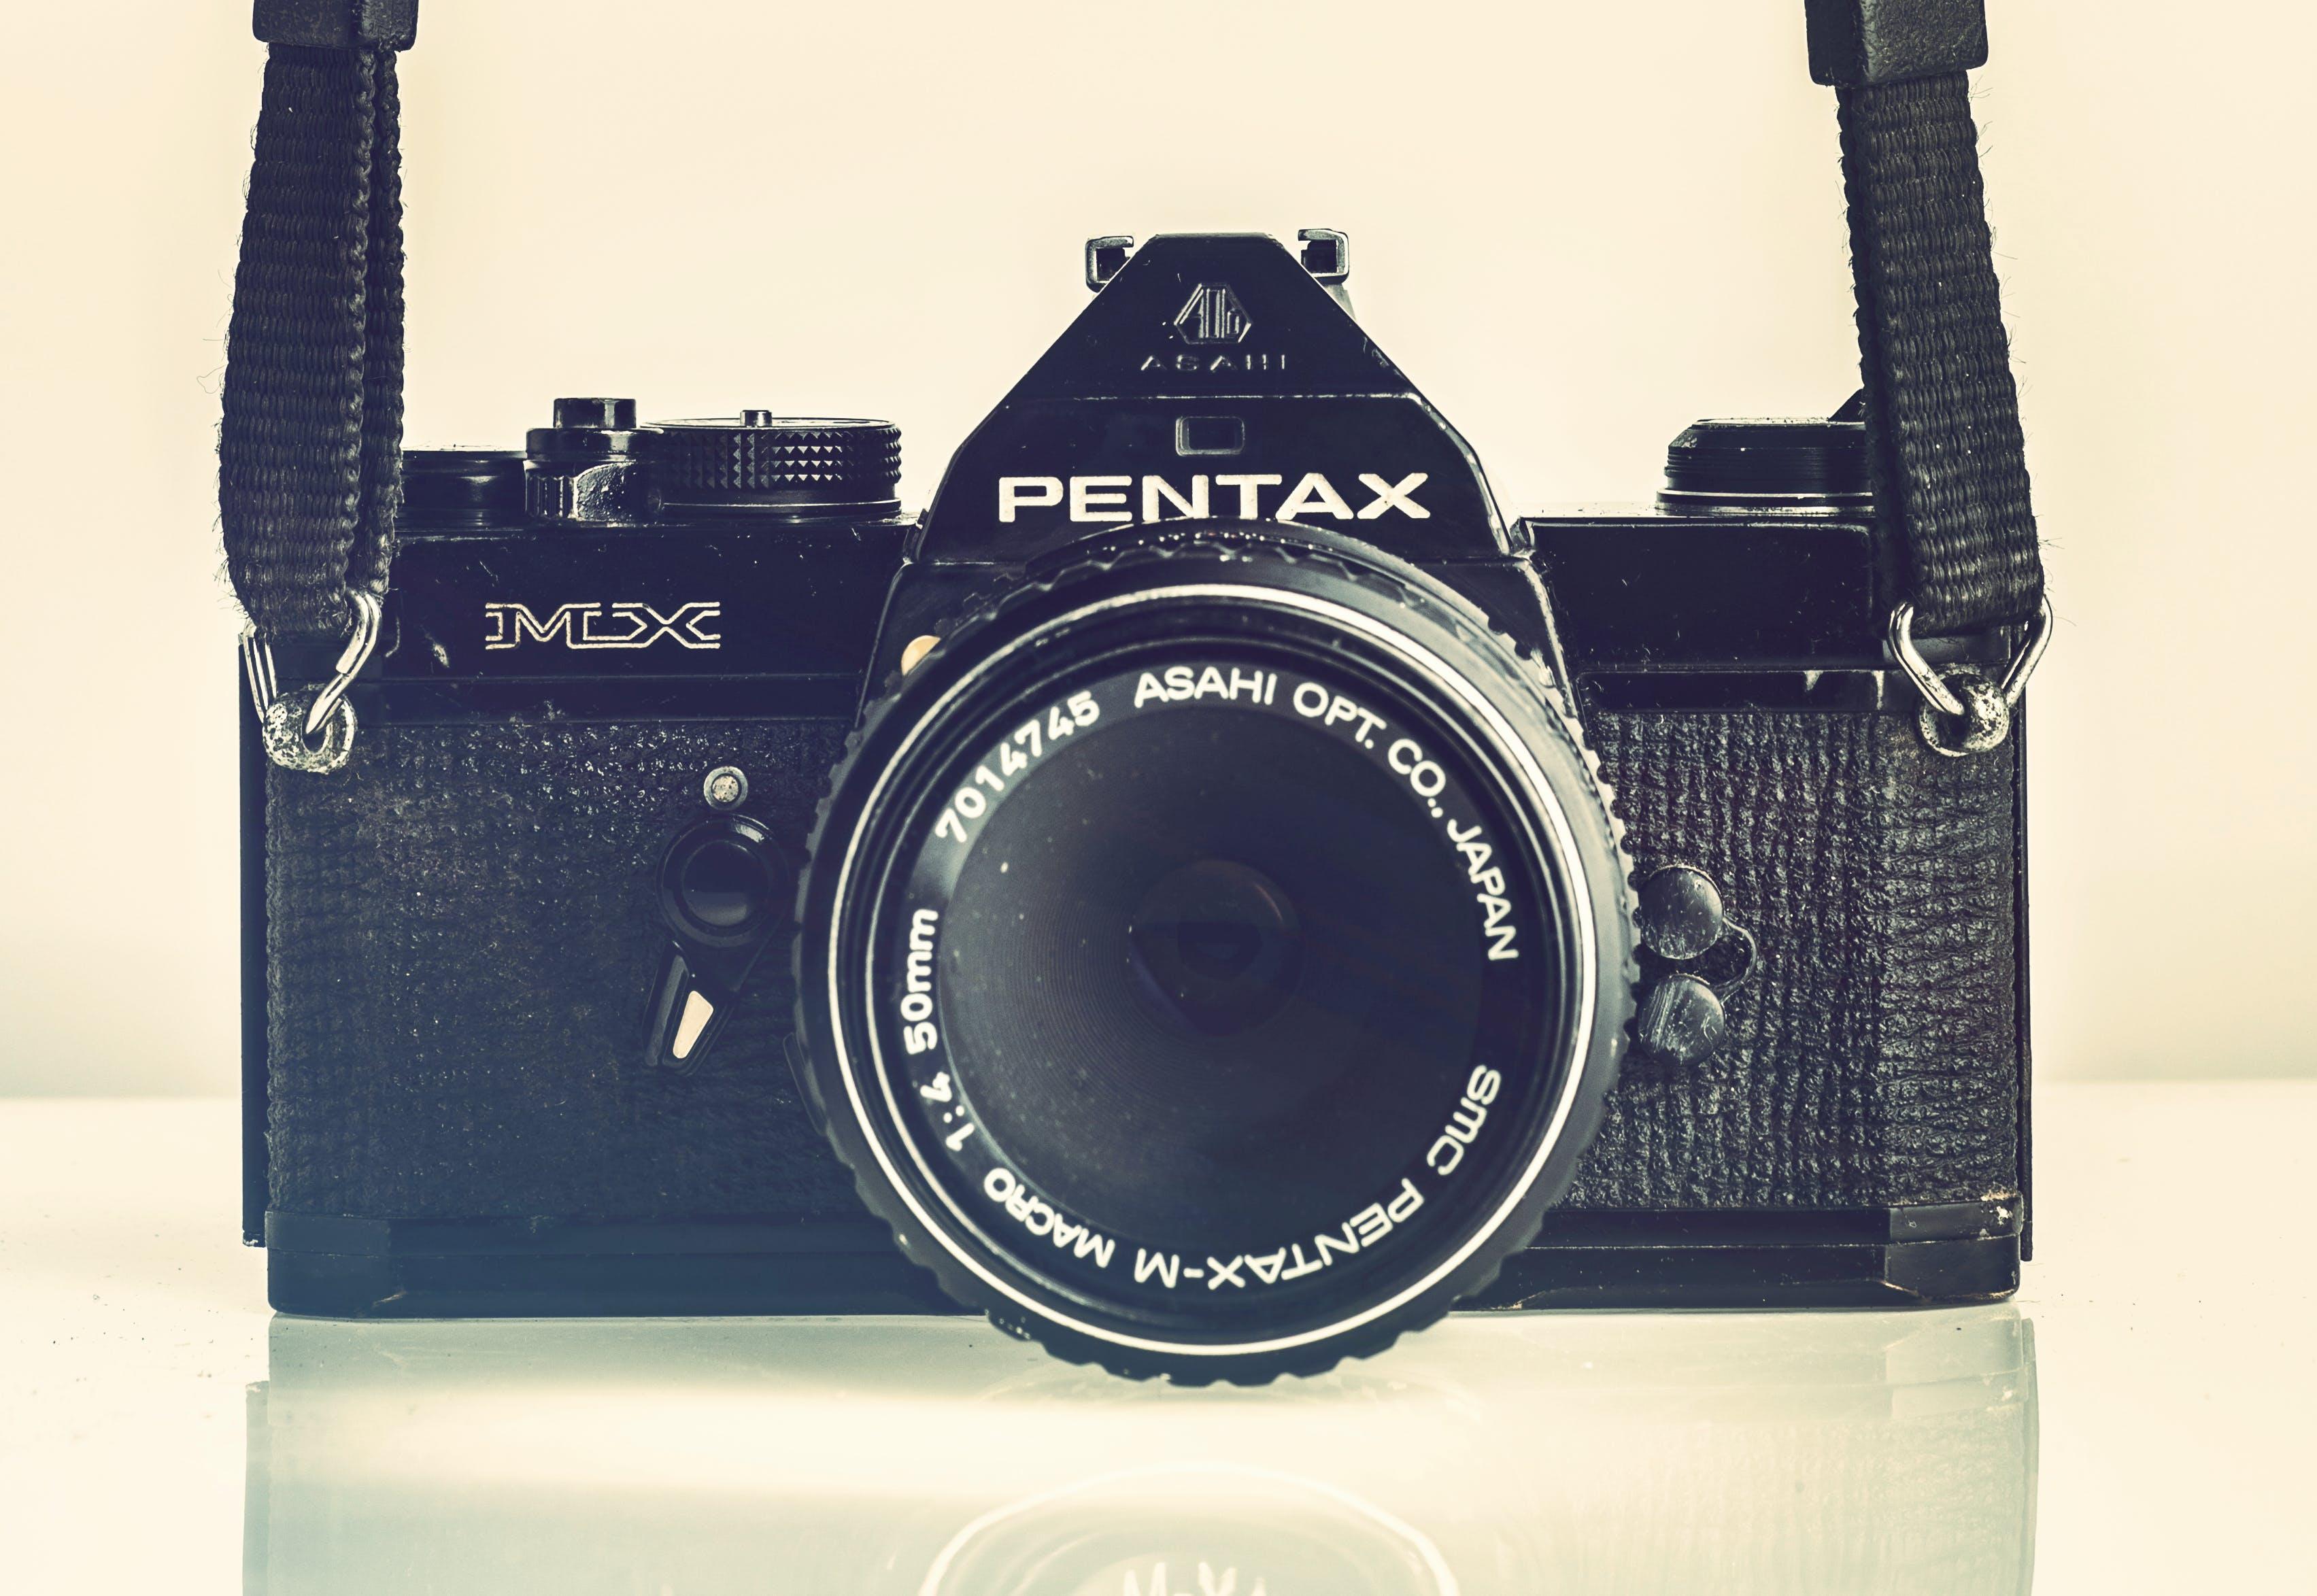 Close-up Photo of Pentax Single-lens Reflex Camera